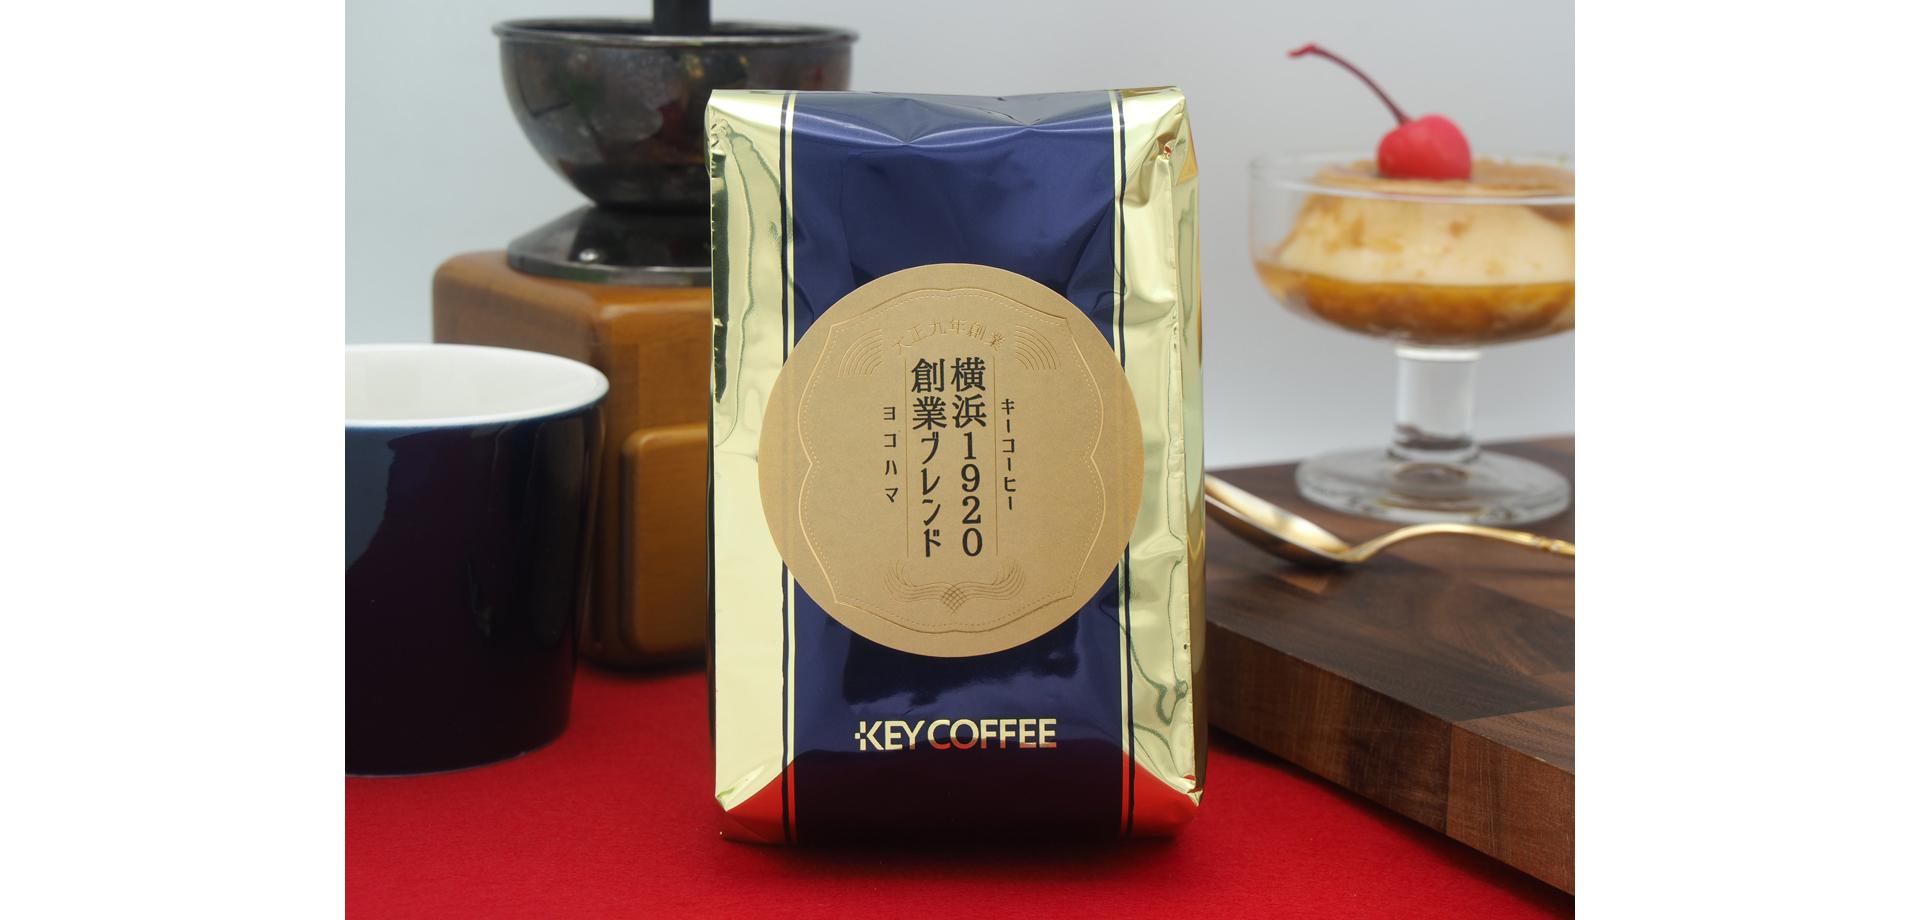 キーコーヒー直営ショップ『横浜1920創業ブレンド』